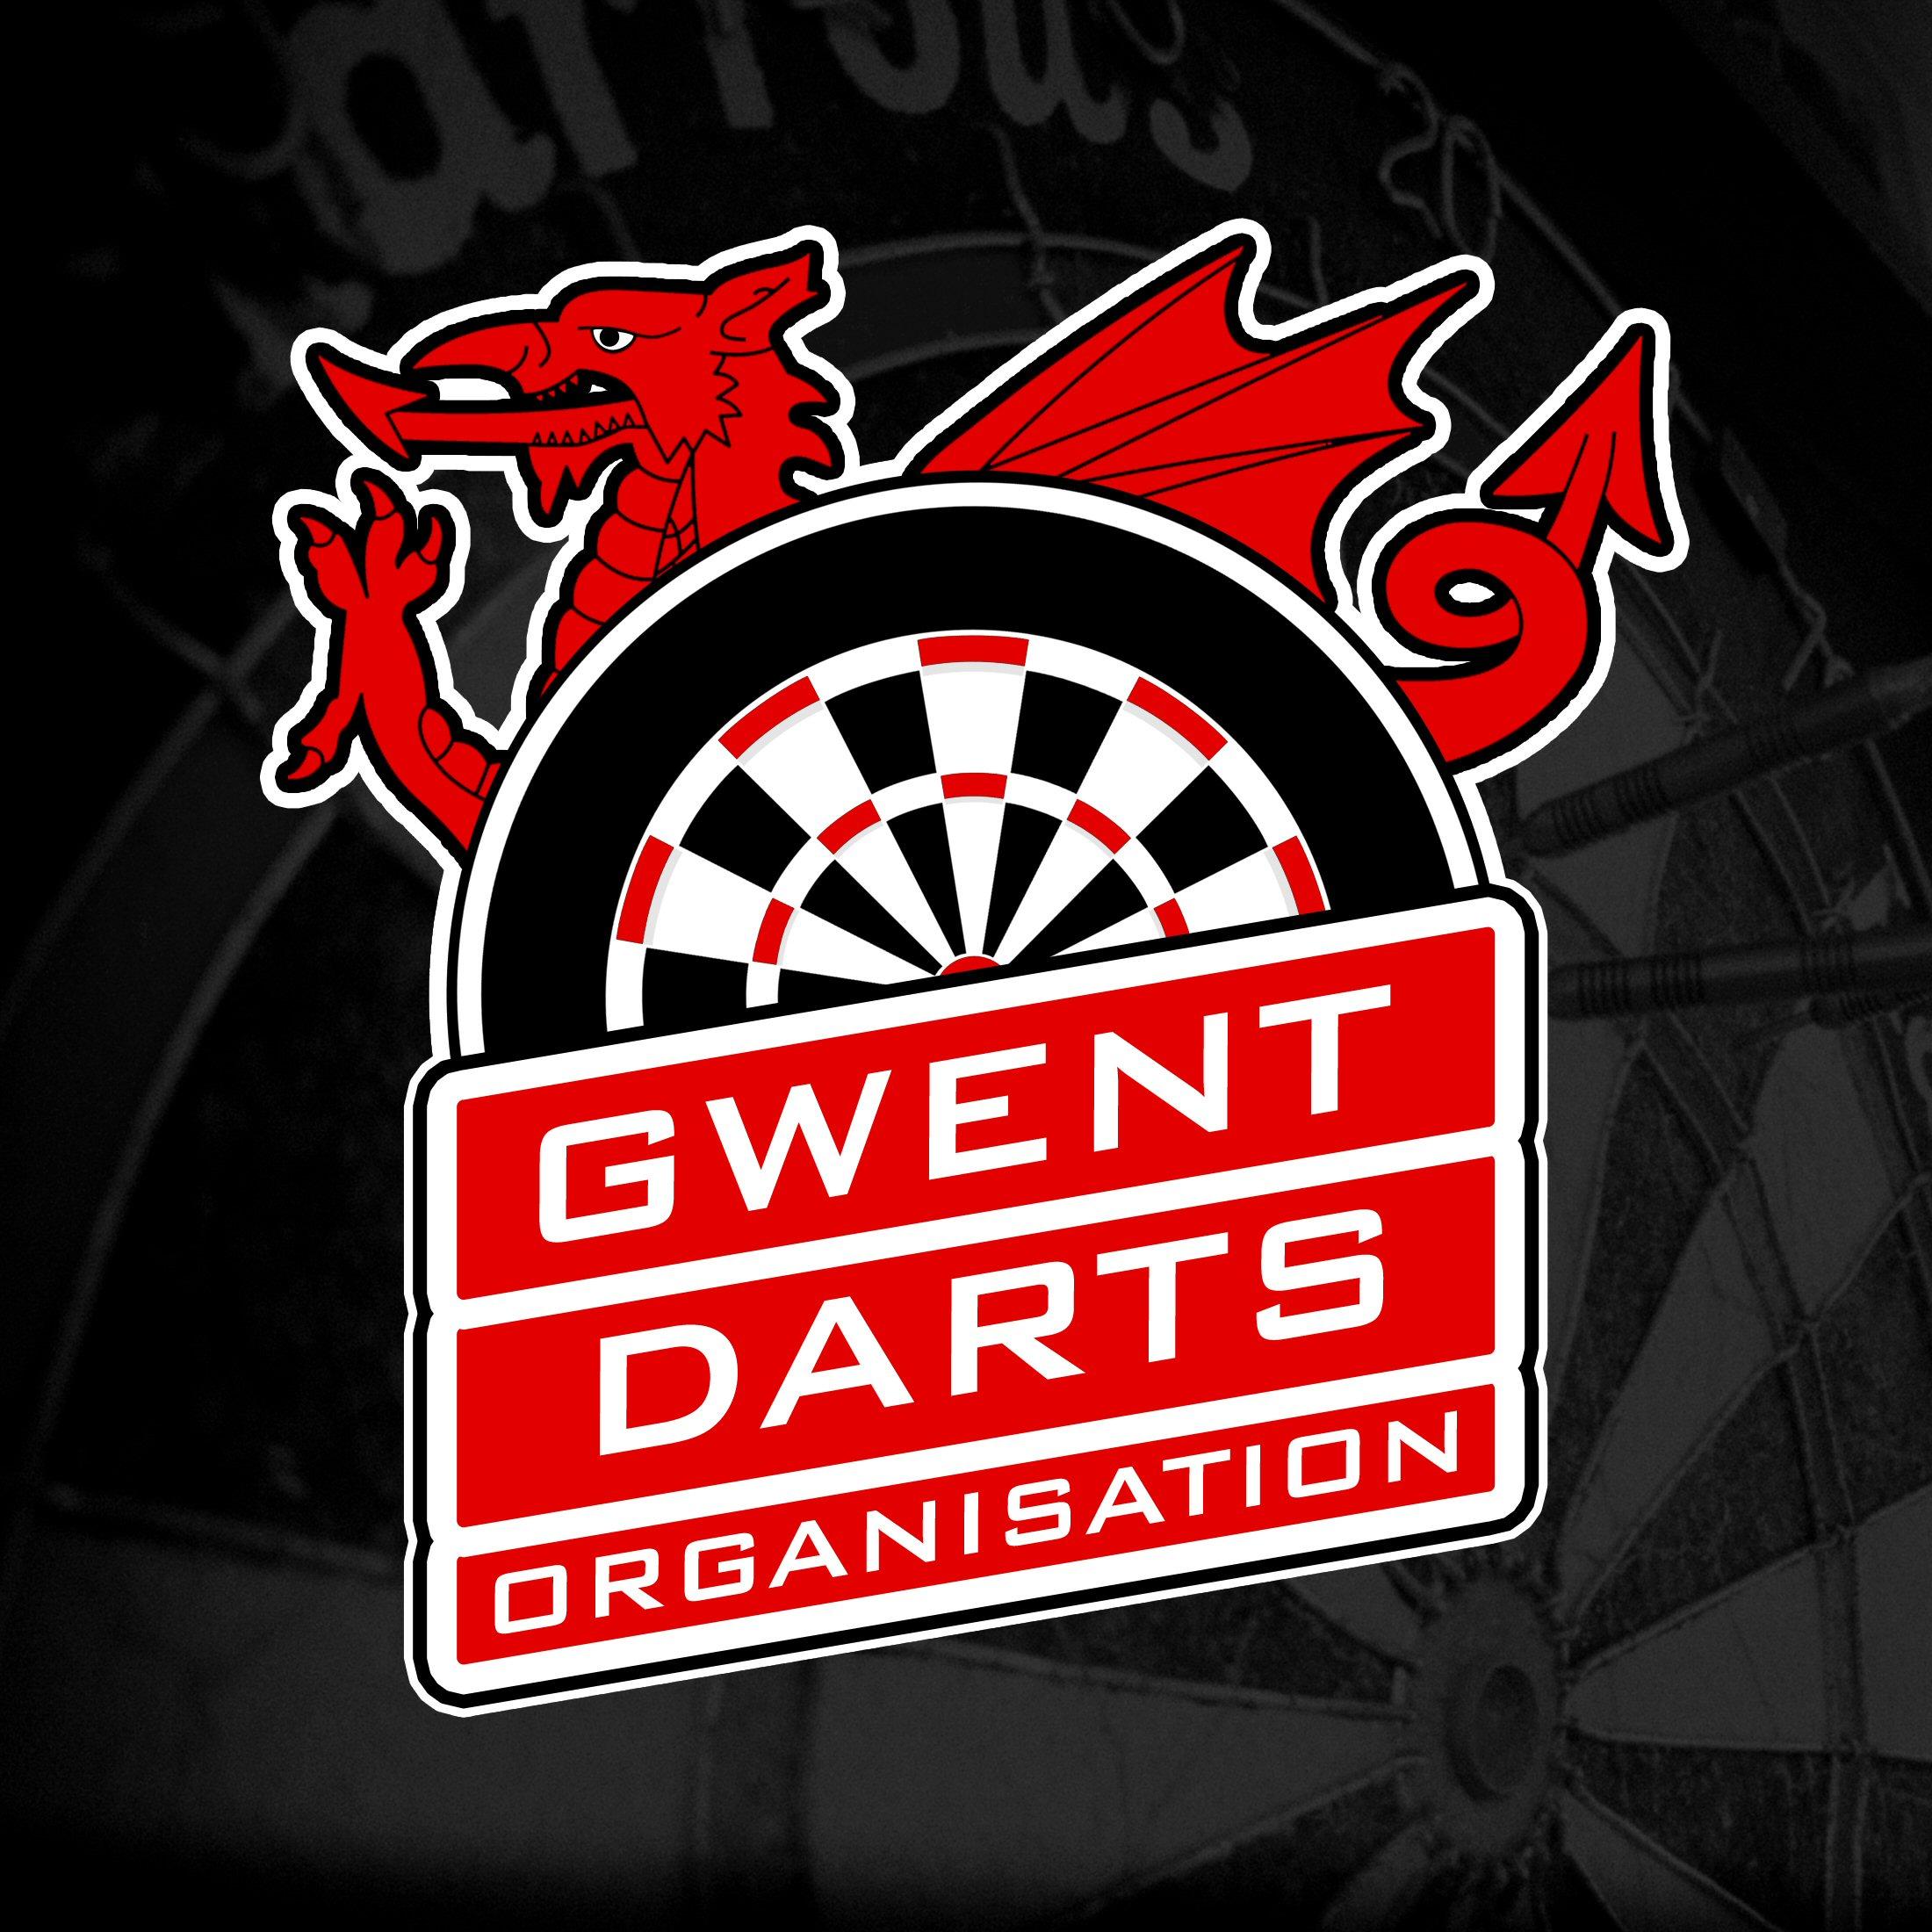 Gwent Darts Org logo 2021